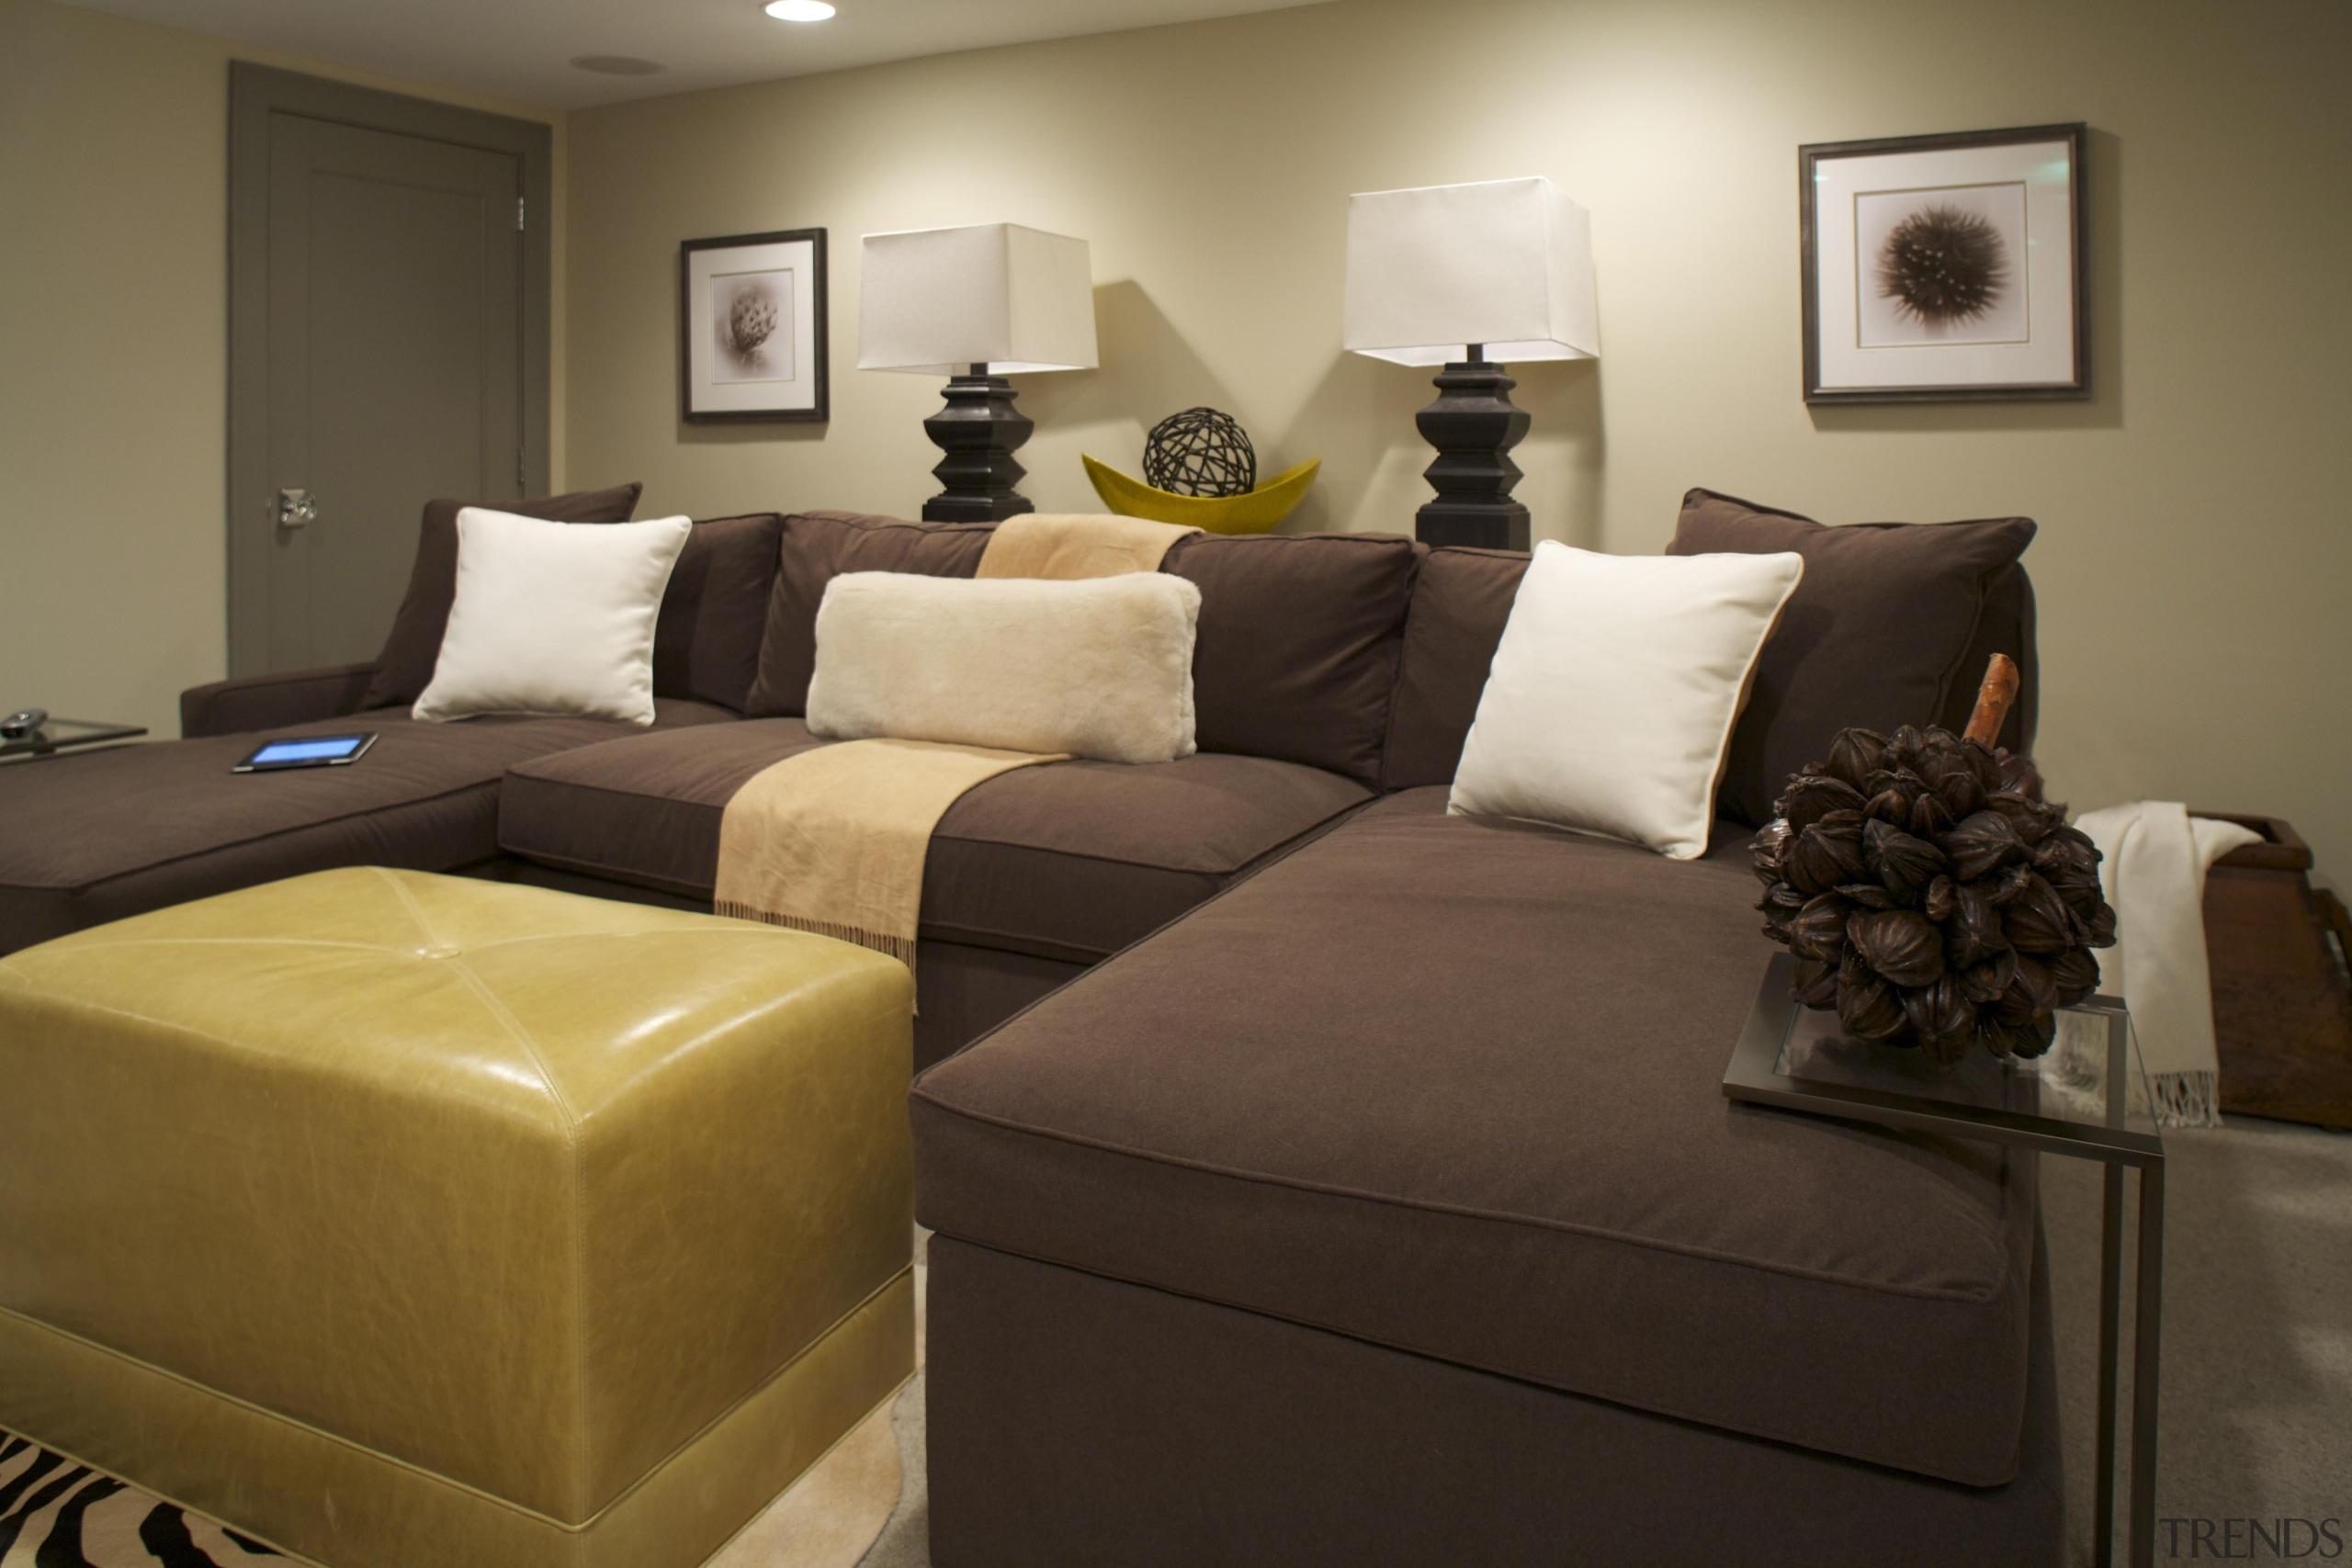 lange ct lower level6965.jpg - lange_ct_lower_level6965.jpg - bed bed, bed frame, bedroom, furniture, home, interior design, living room, room, suite, brown, black